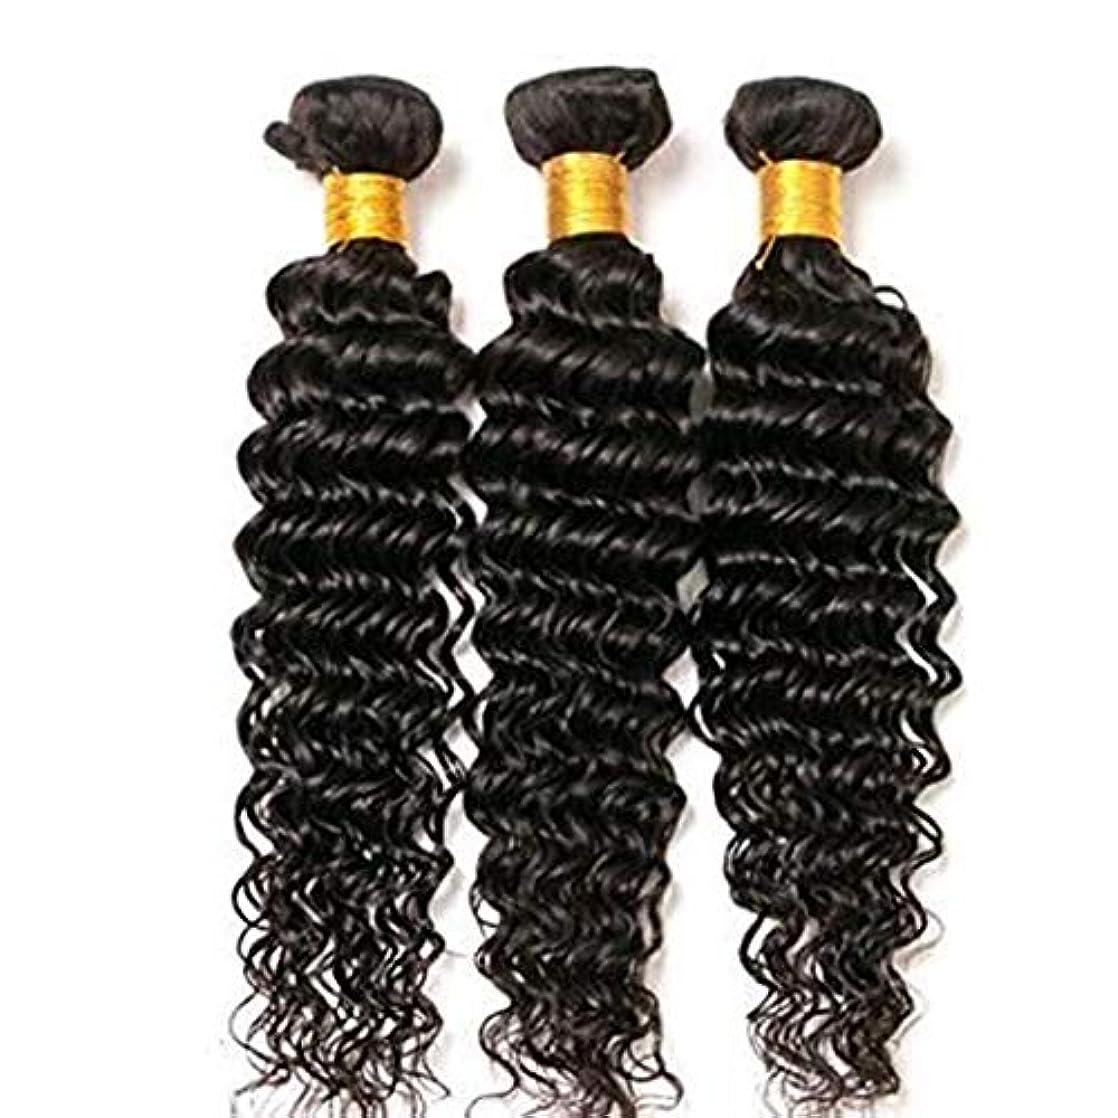 痛い徐々に系譜YESONEEP 女性のためのブラジルのディープウェーブヘアバンドル100%未処理の人間の毛髪延長ナチュラルルッキング(8